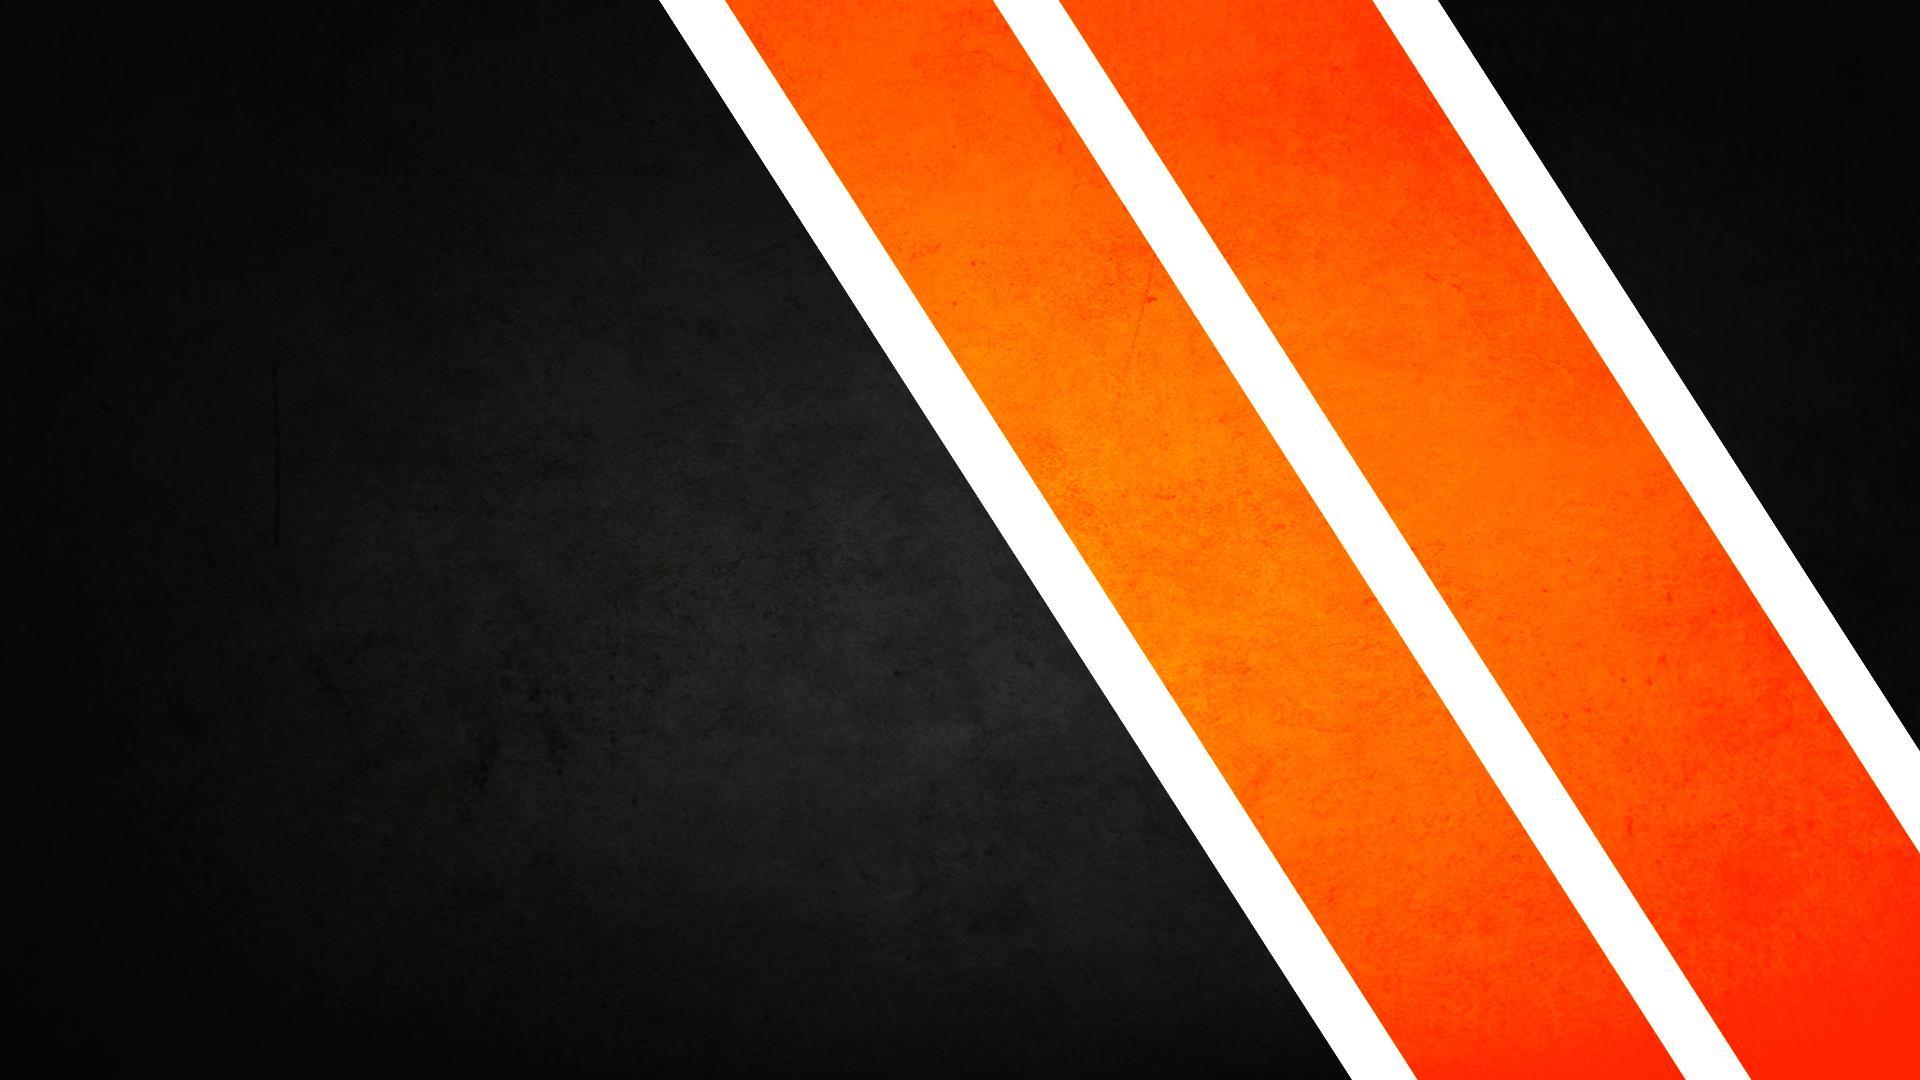 Orange black wallpaper   SF Wallpaper 1920x1080